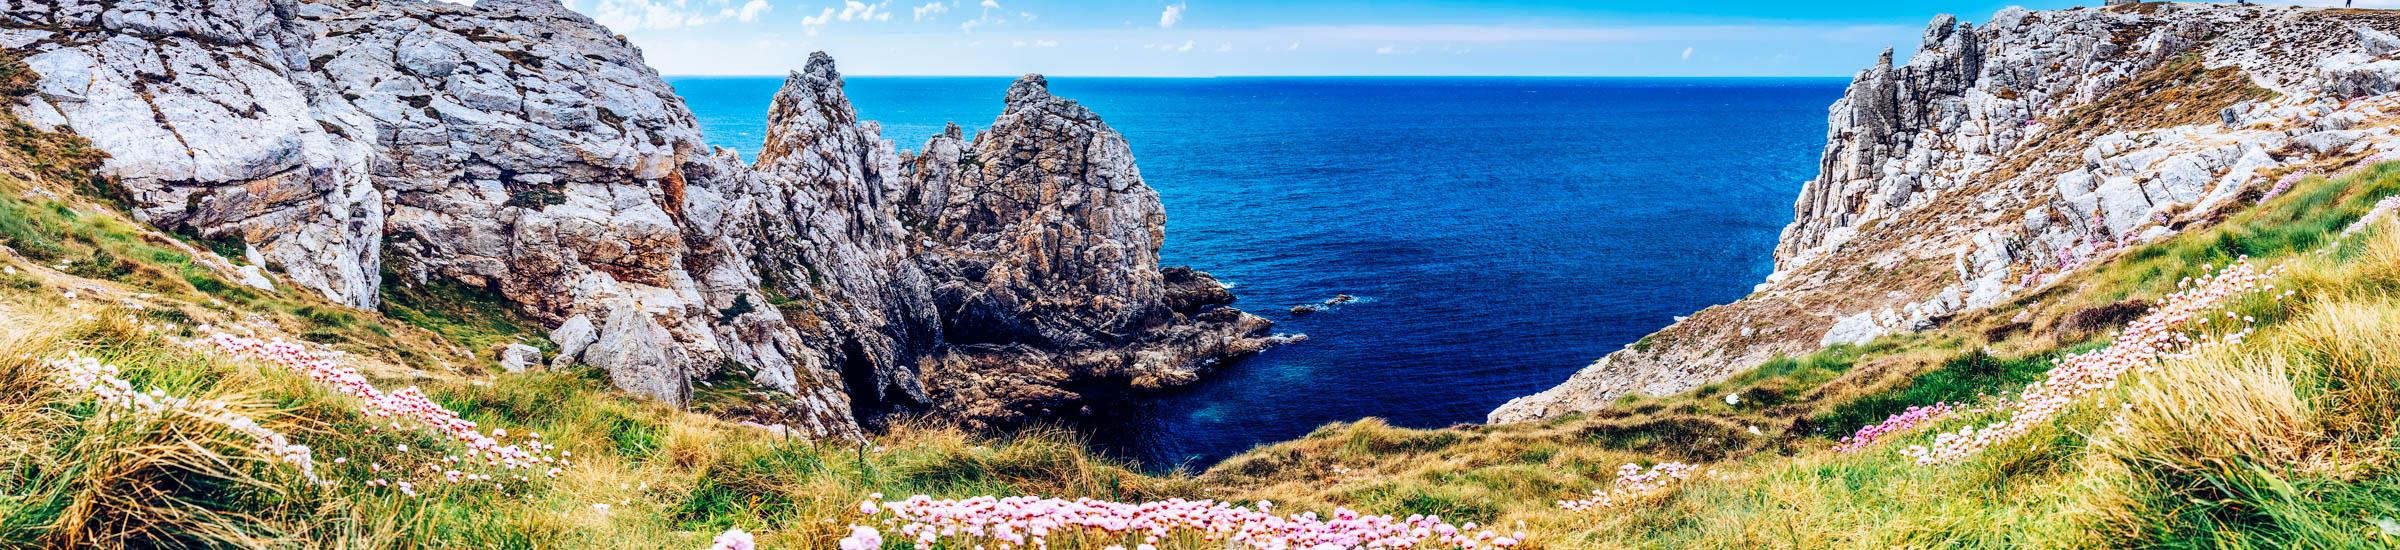 Blicks aufs Meer an der Pointe du Pen-Hir in der Bretagne